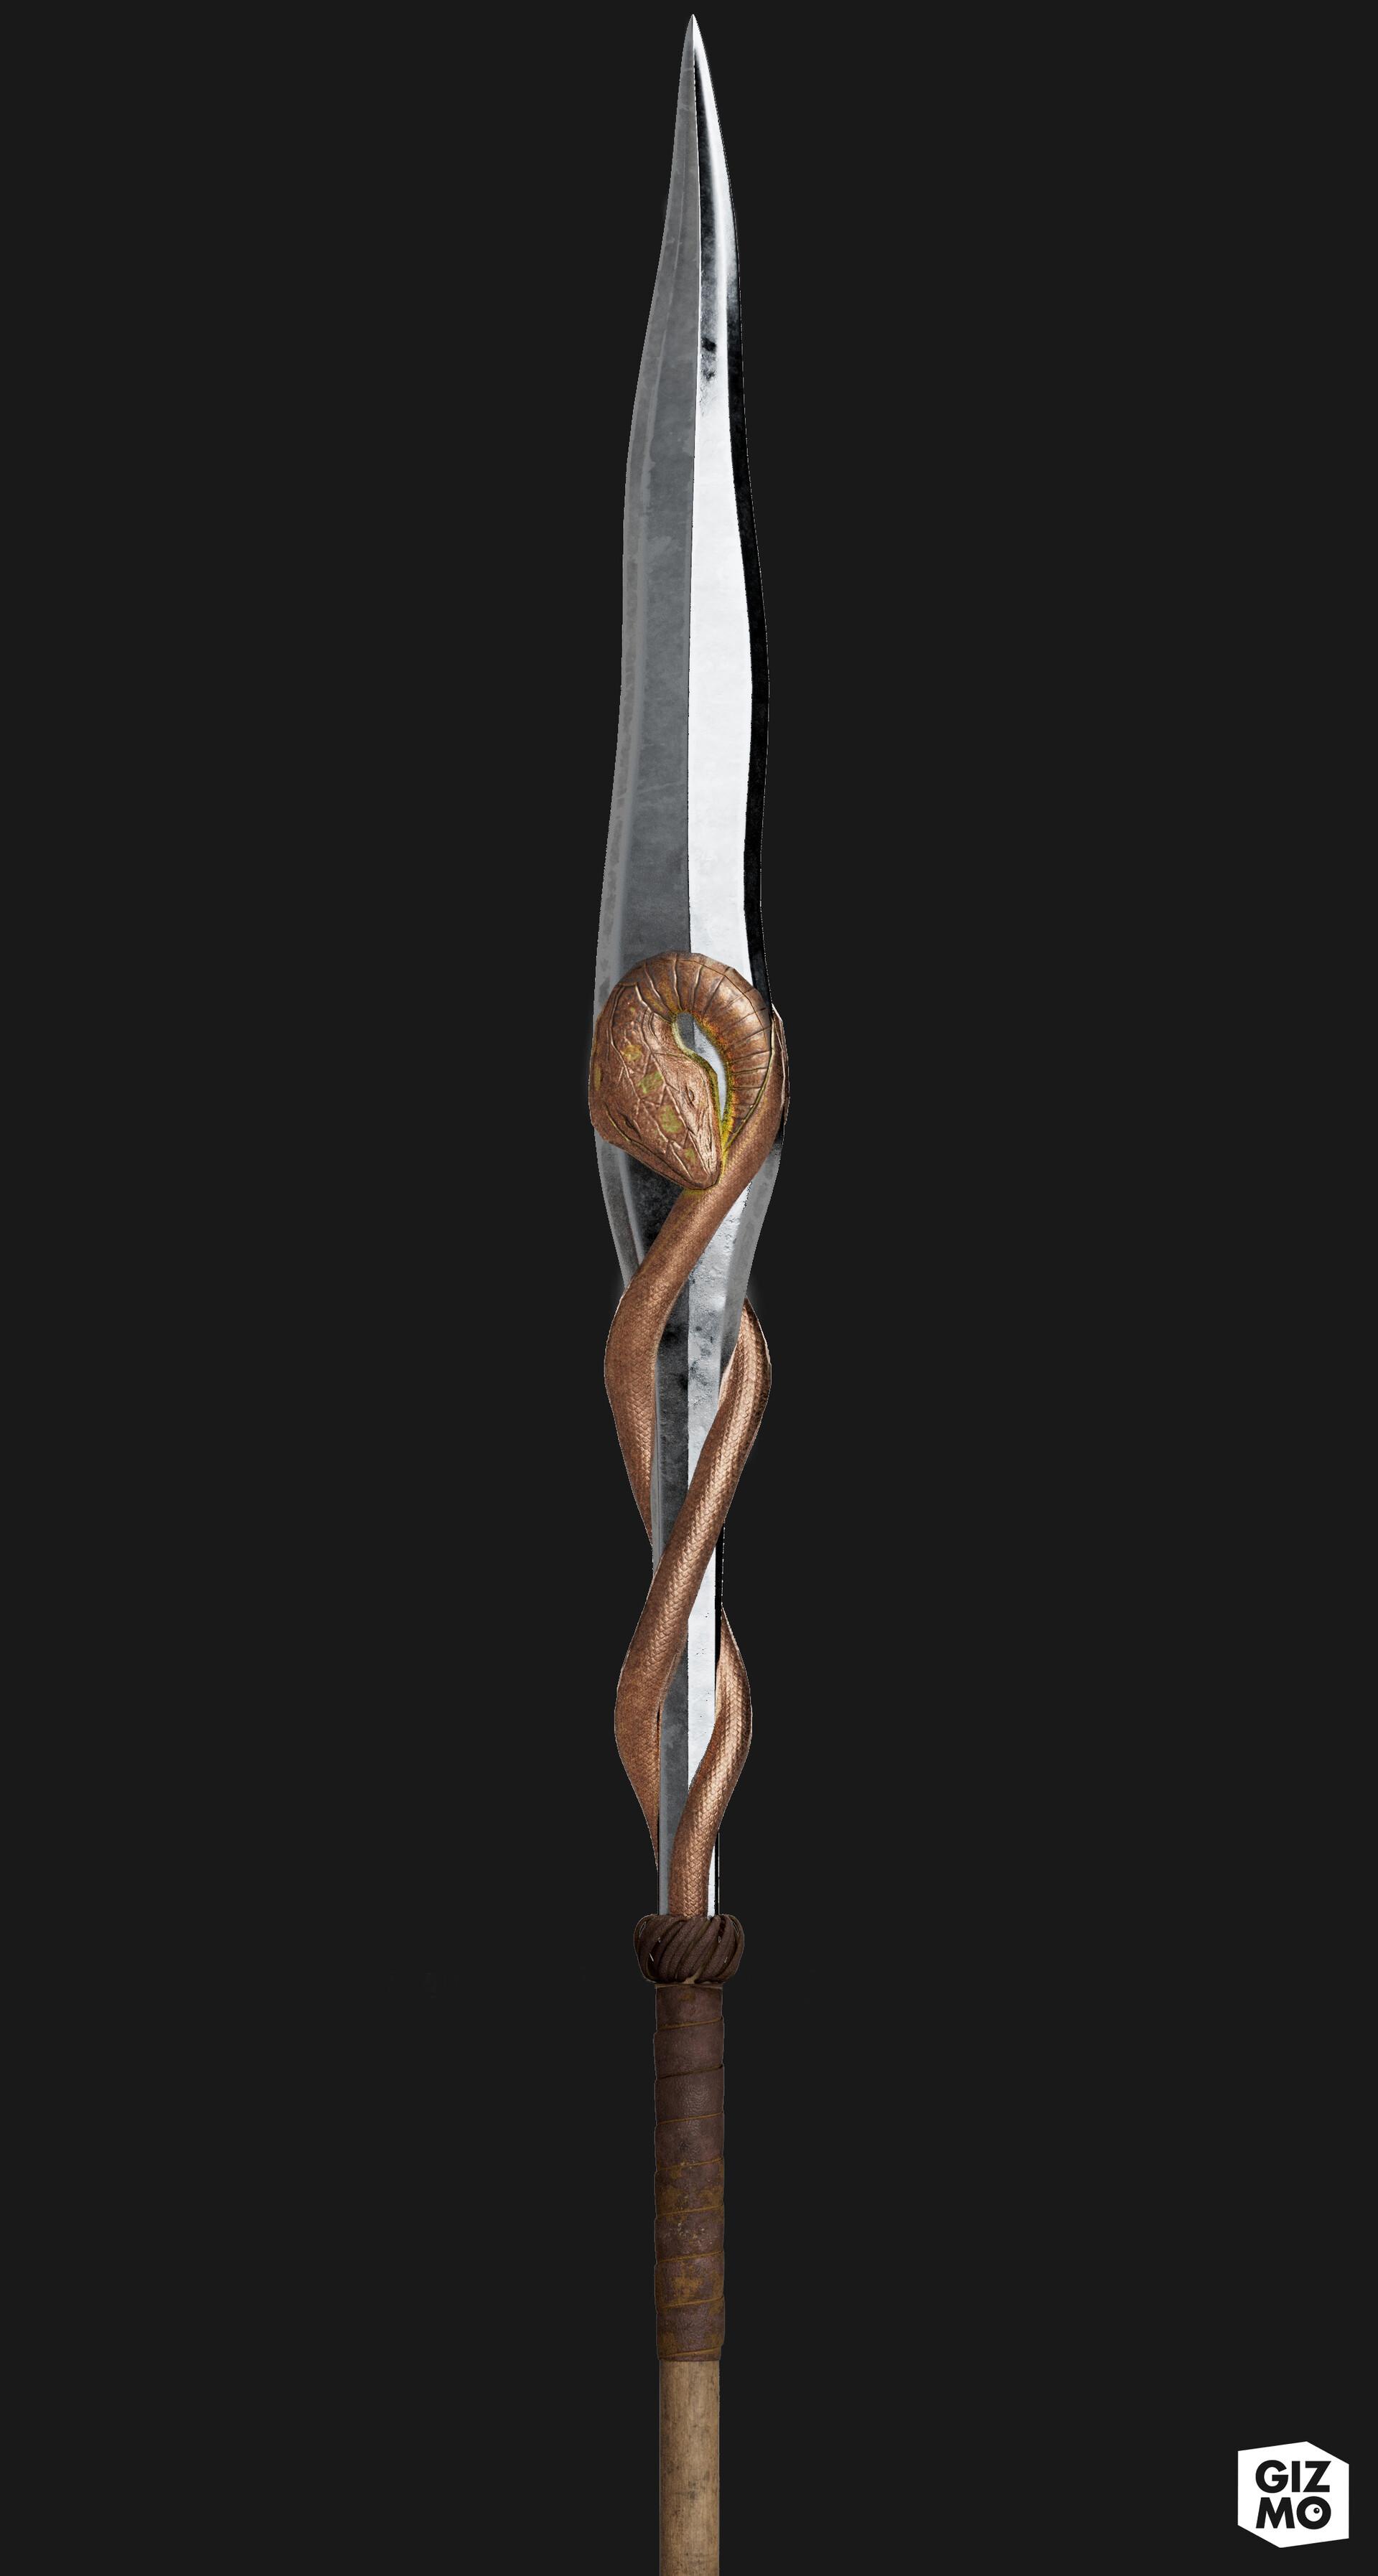 Vinicius favero spear